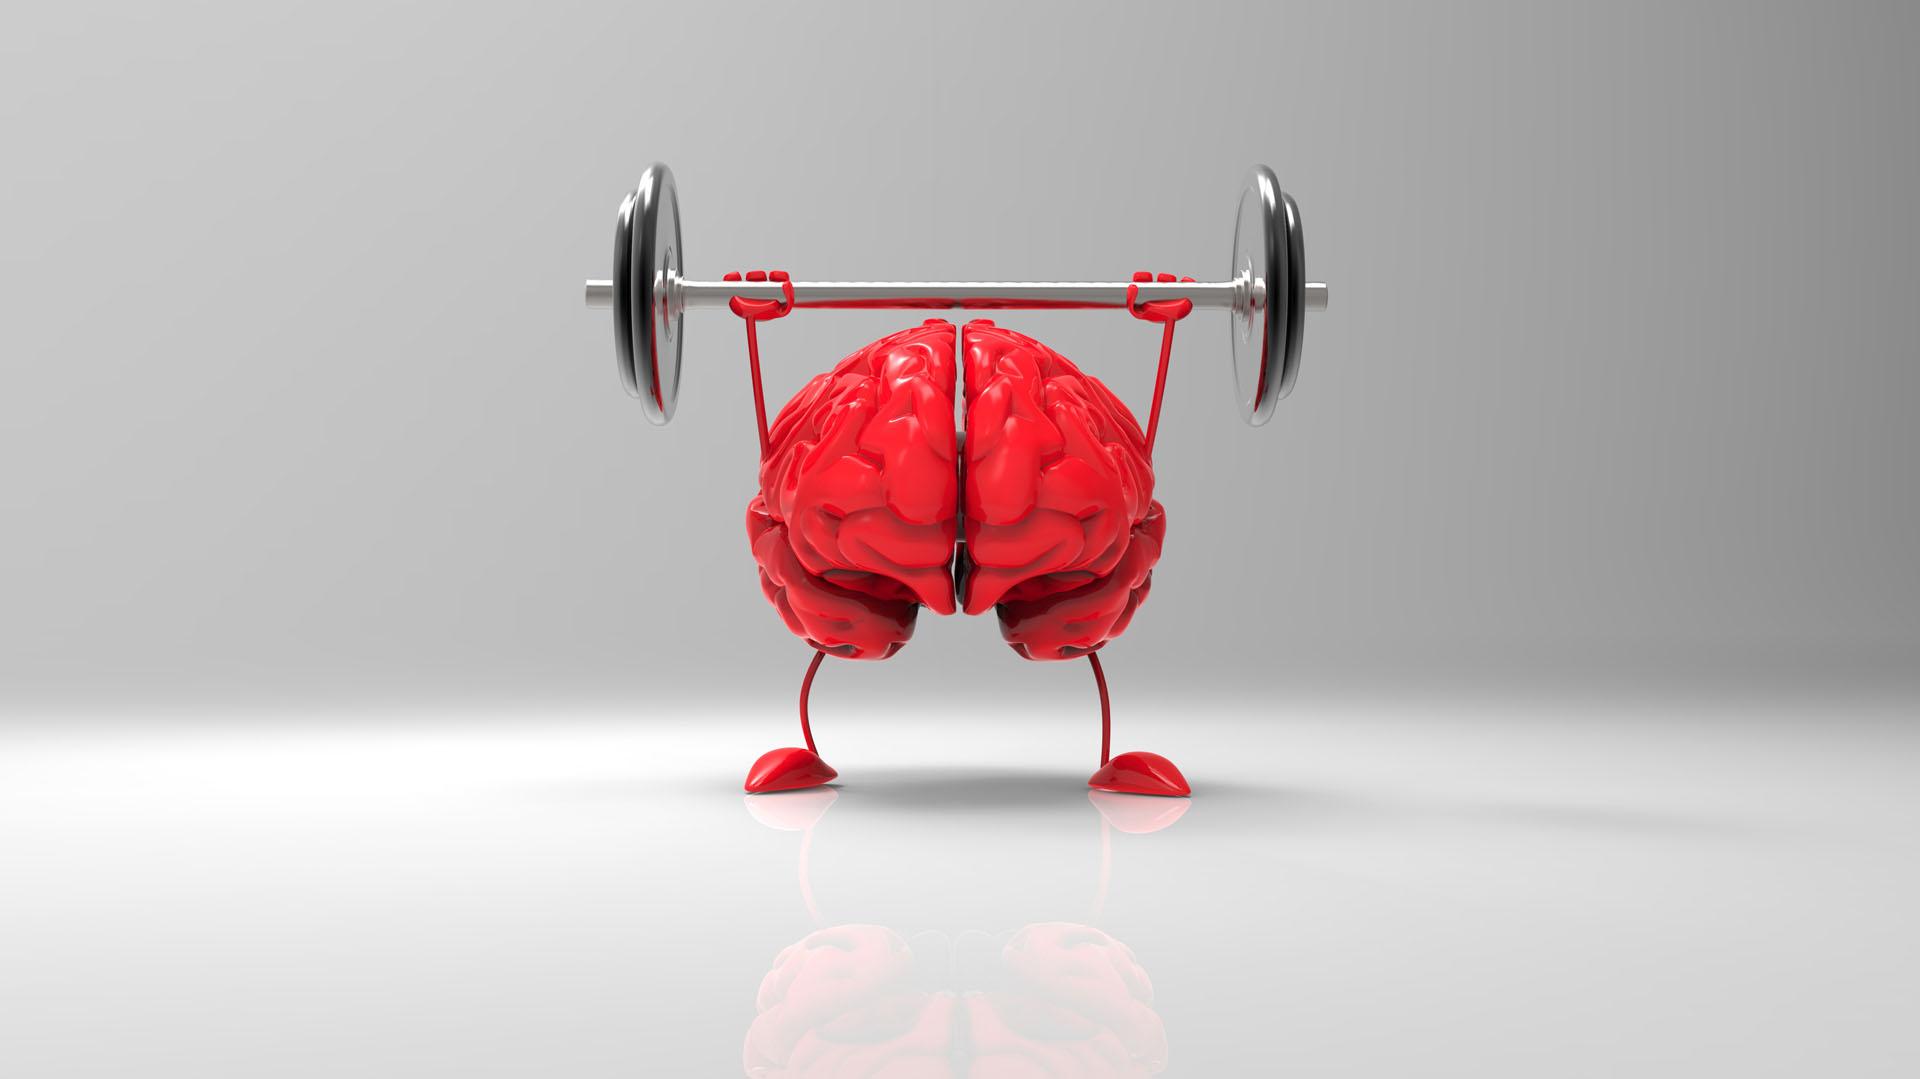 La ejercitación y estimulación cognitivas pueden retrasar la aparición de los trastornos de memoria (iStock)